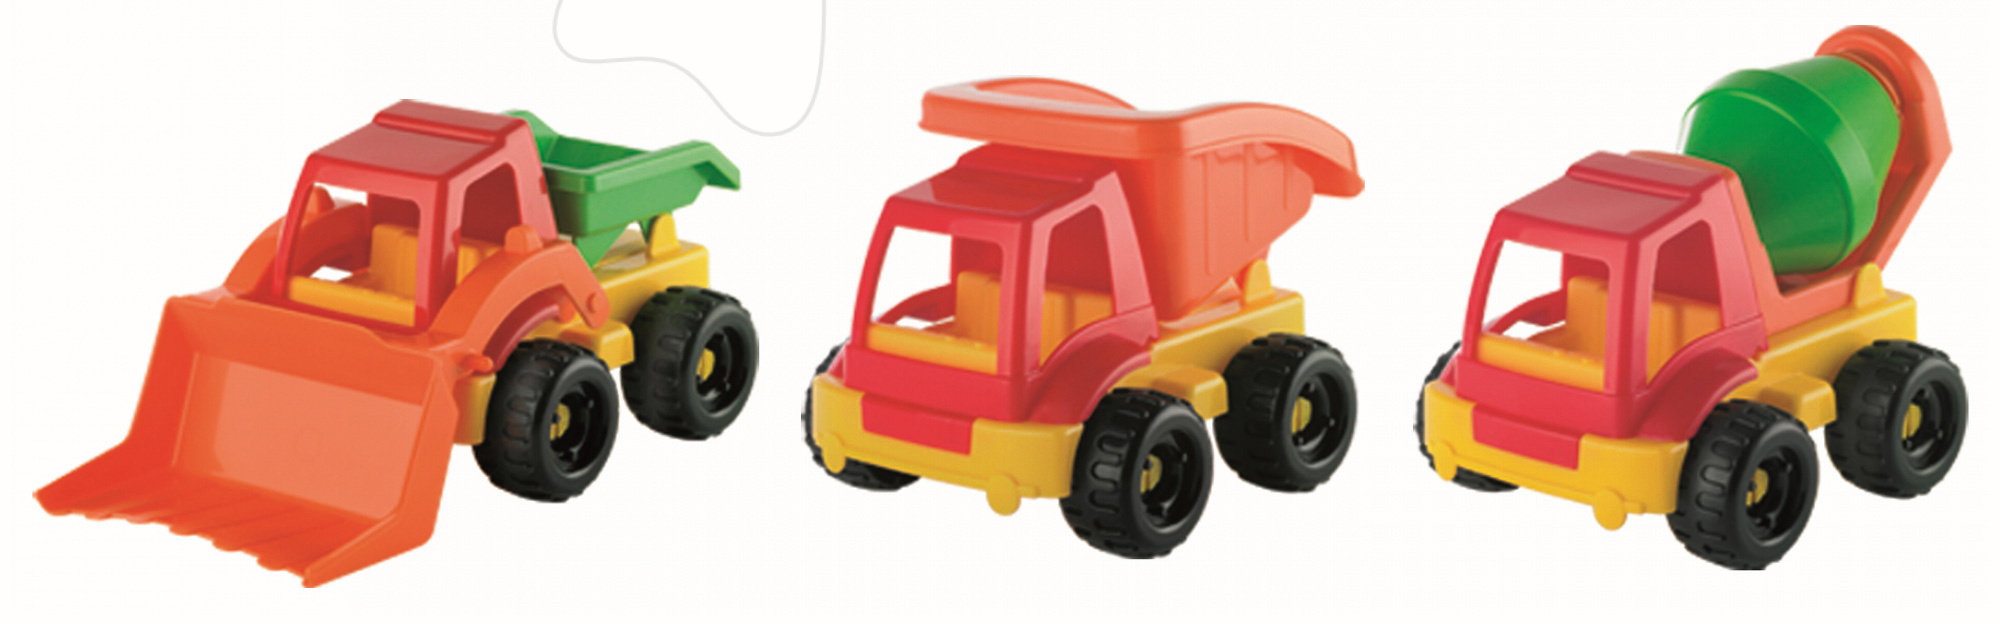 Autíčko Écoiffier pracovní - buldozer, sklápěč, míchačka délka 20 cm od 18 měsíců